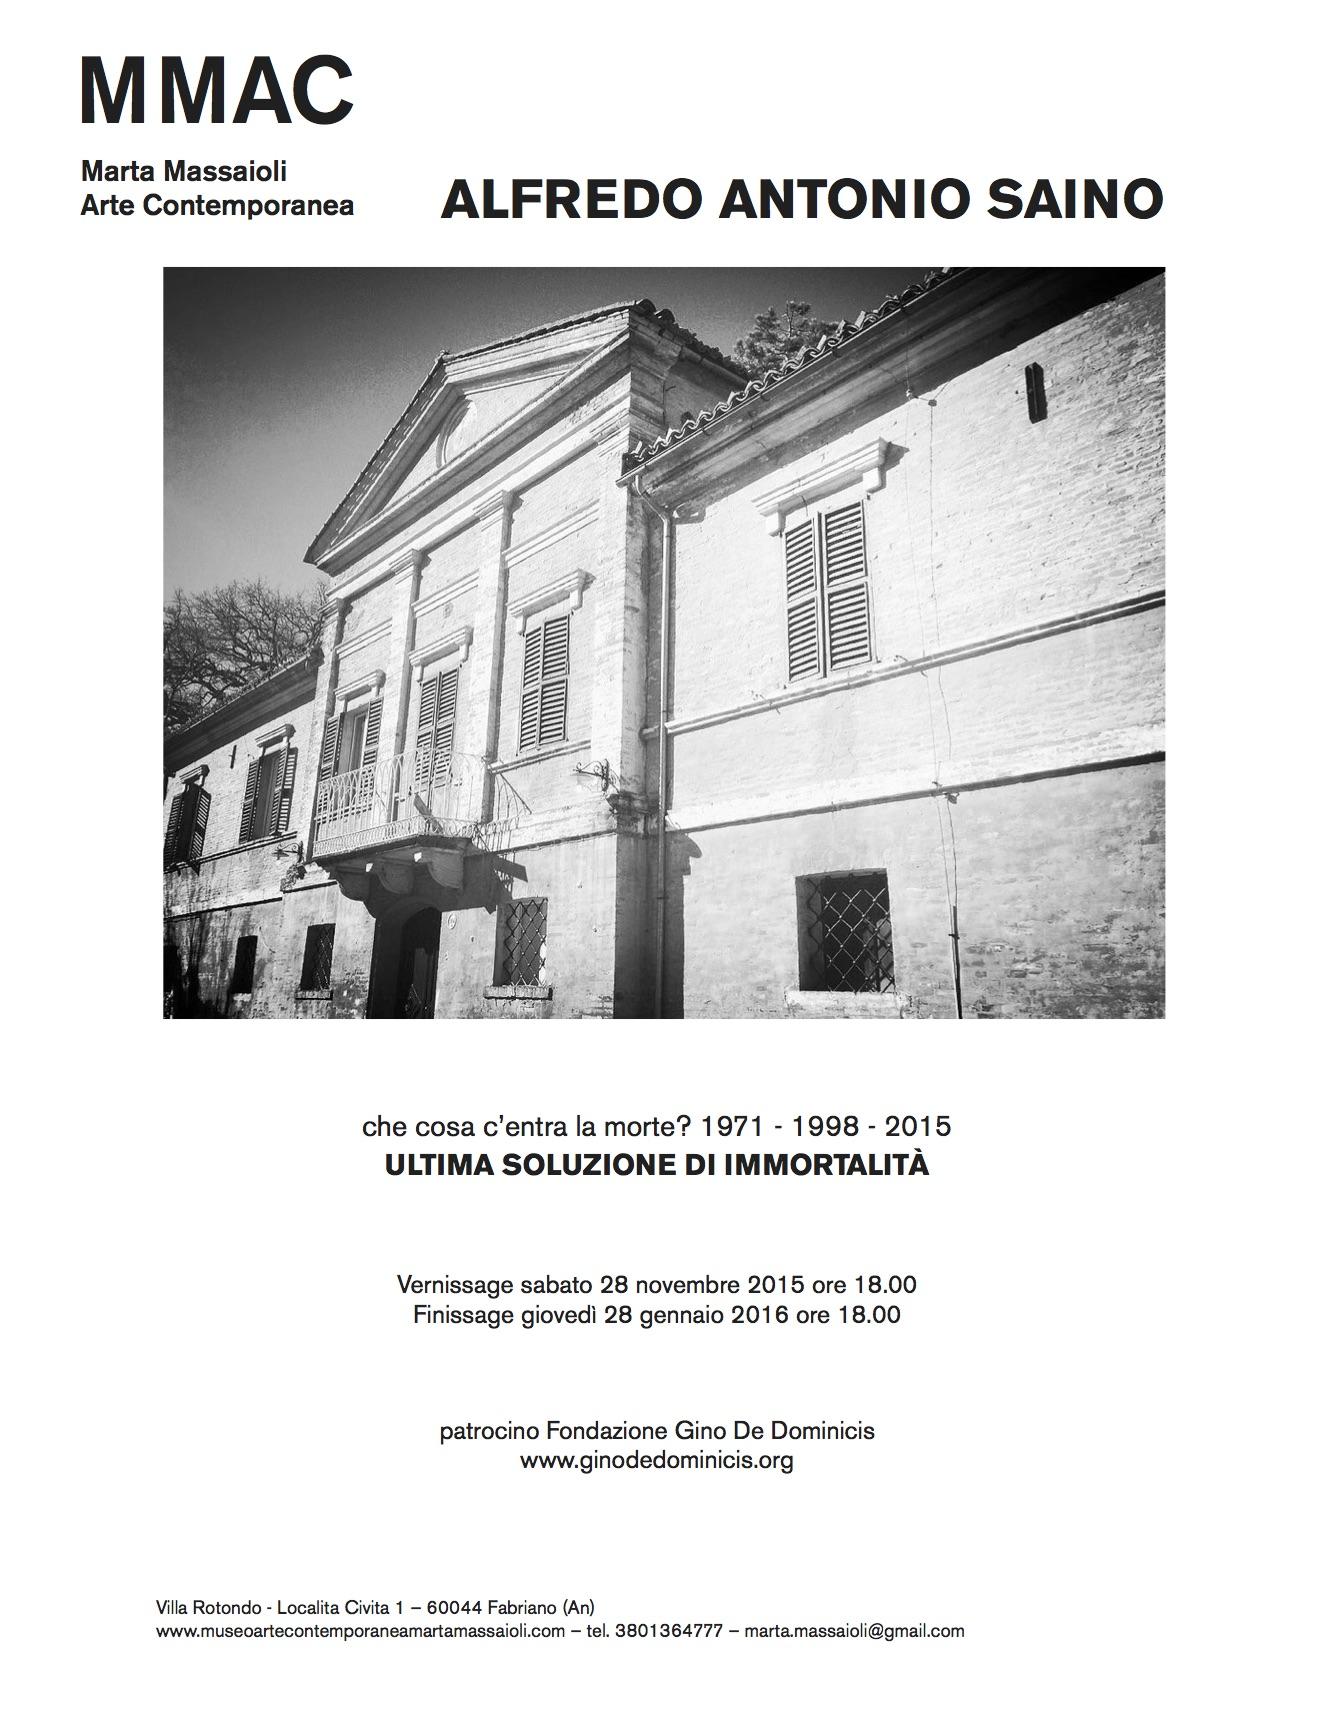 Alfredo Antonio Saino